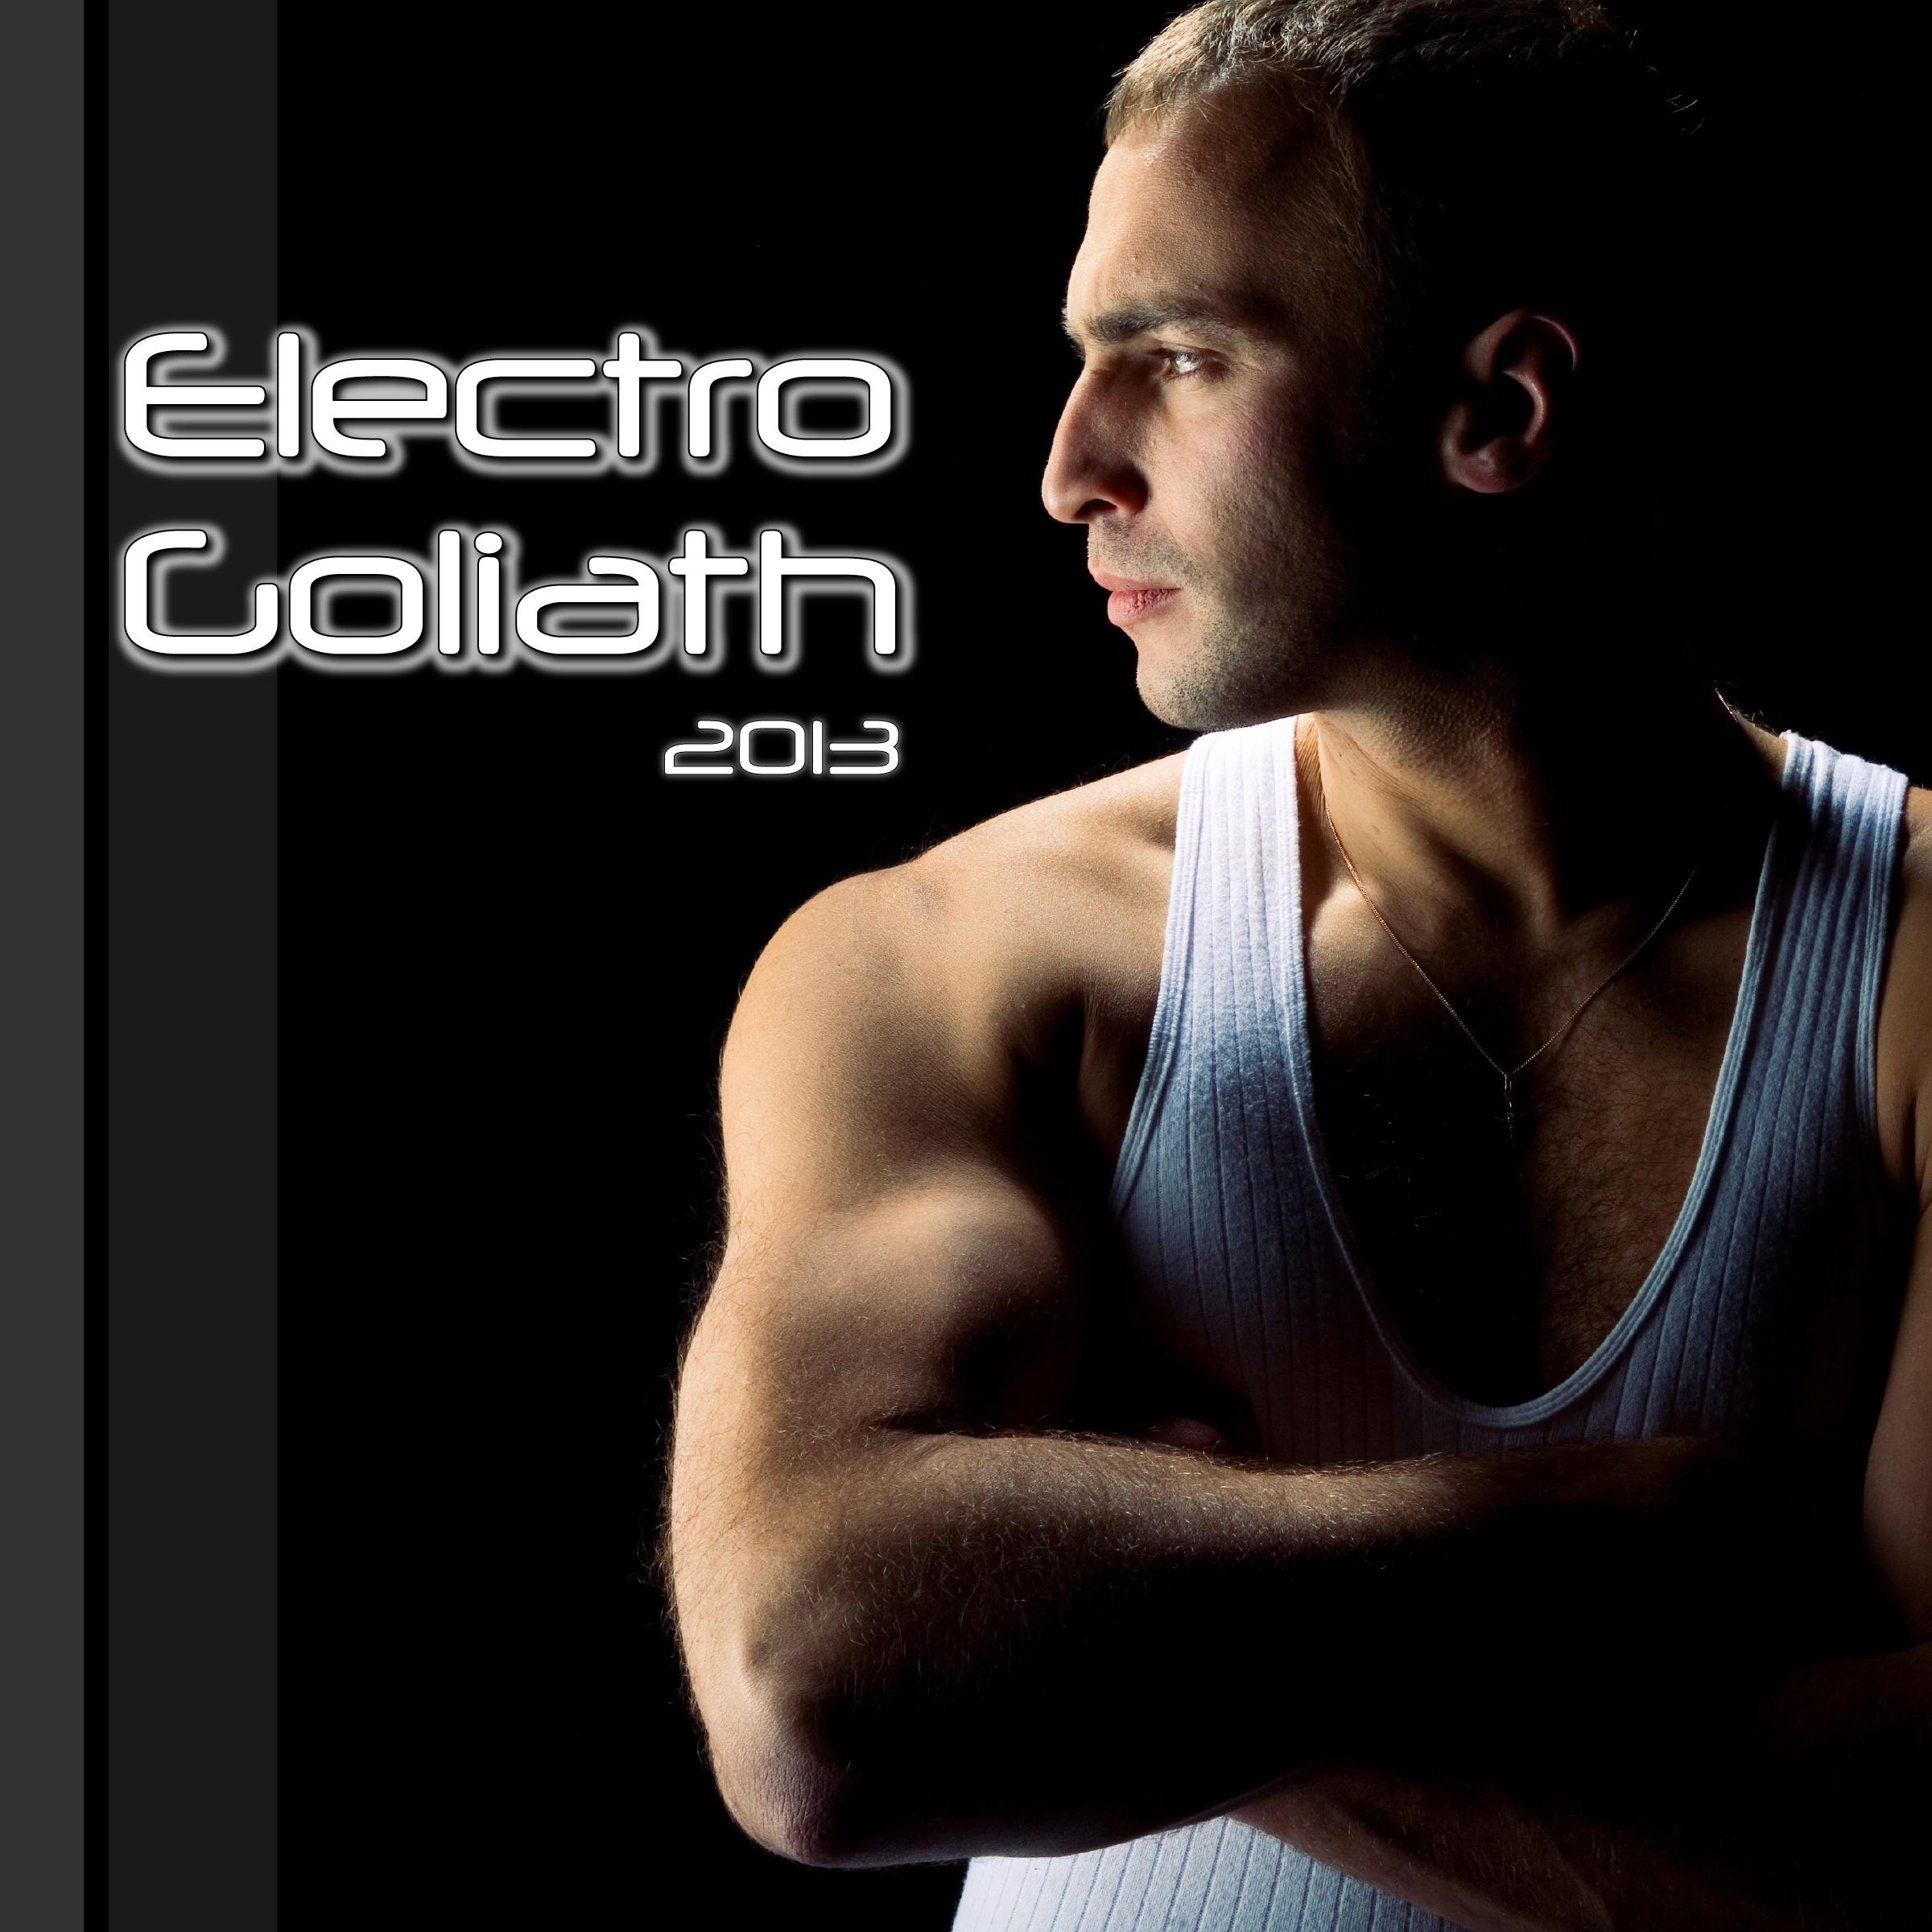 electro goliath